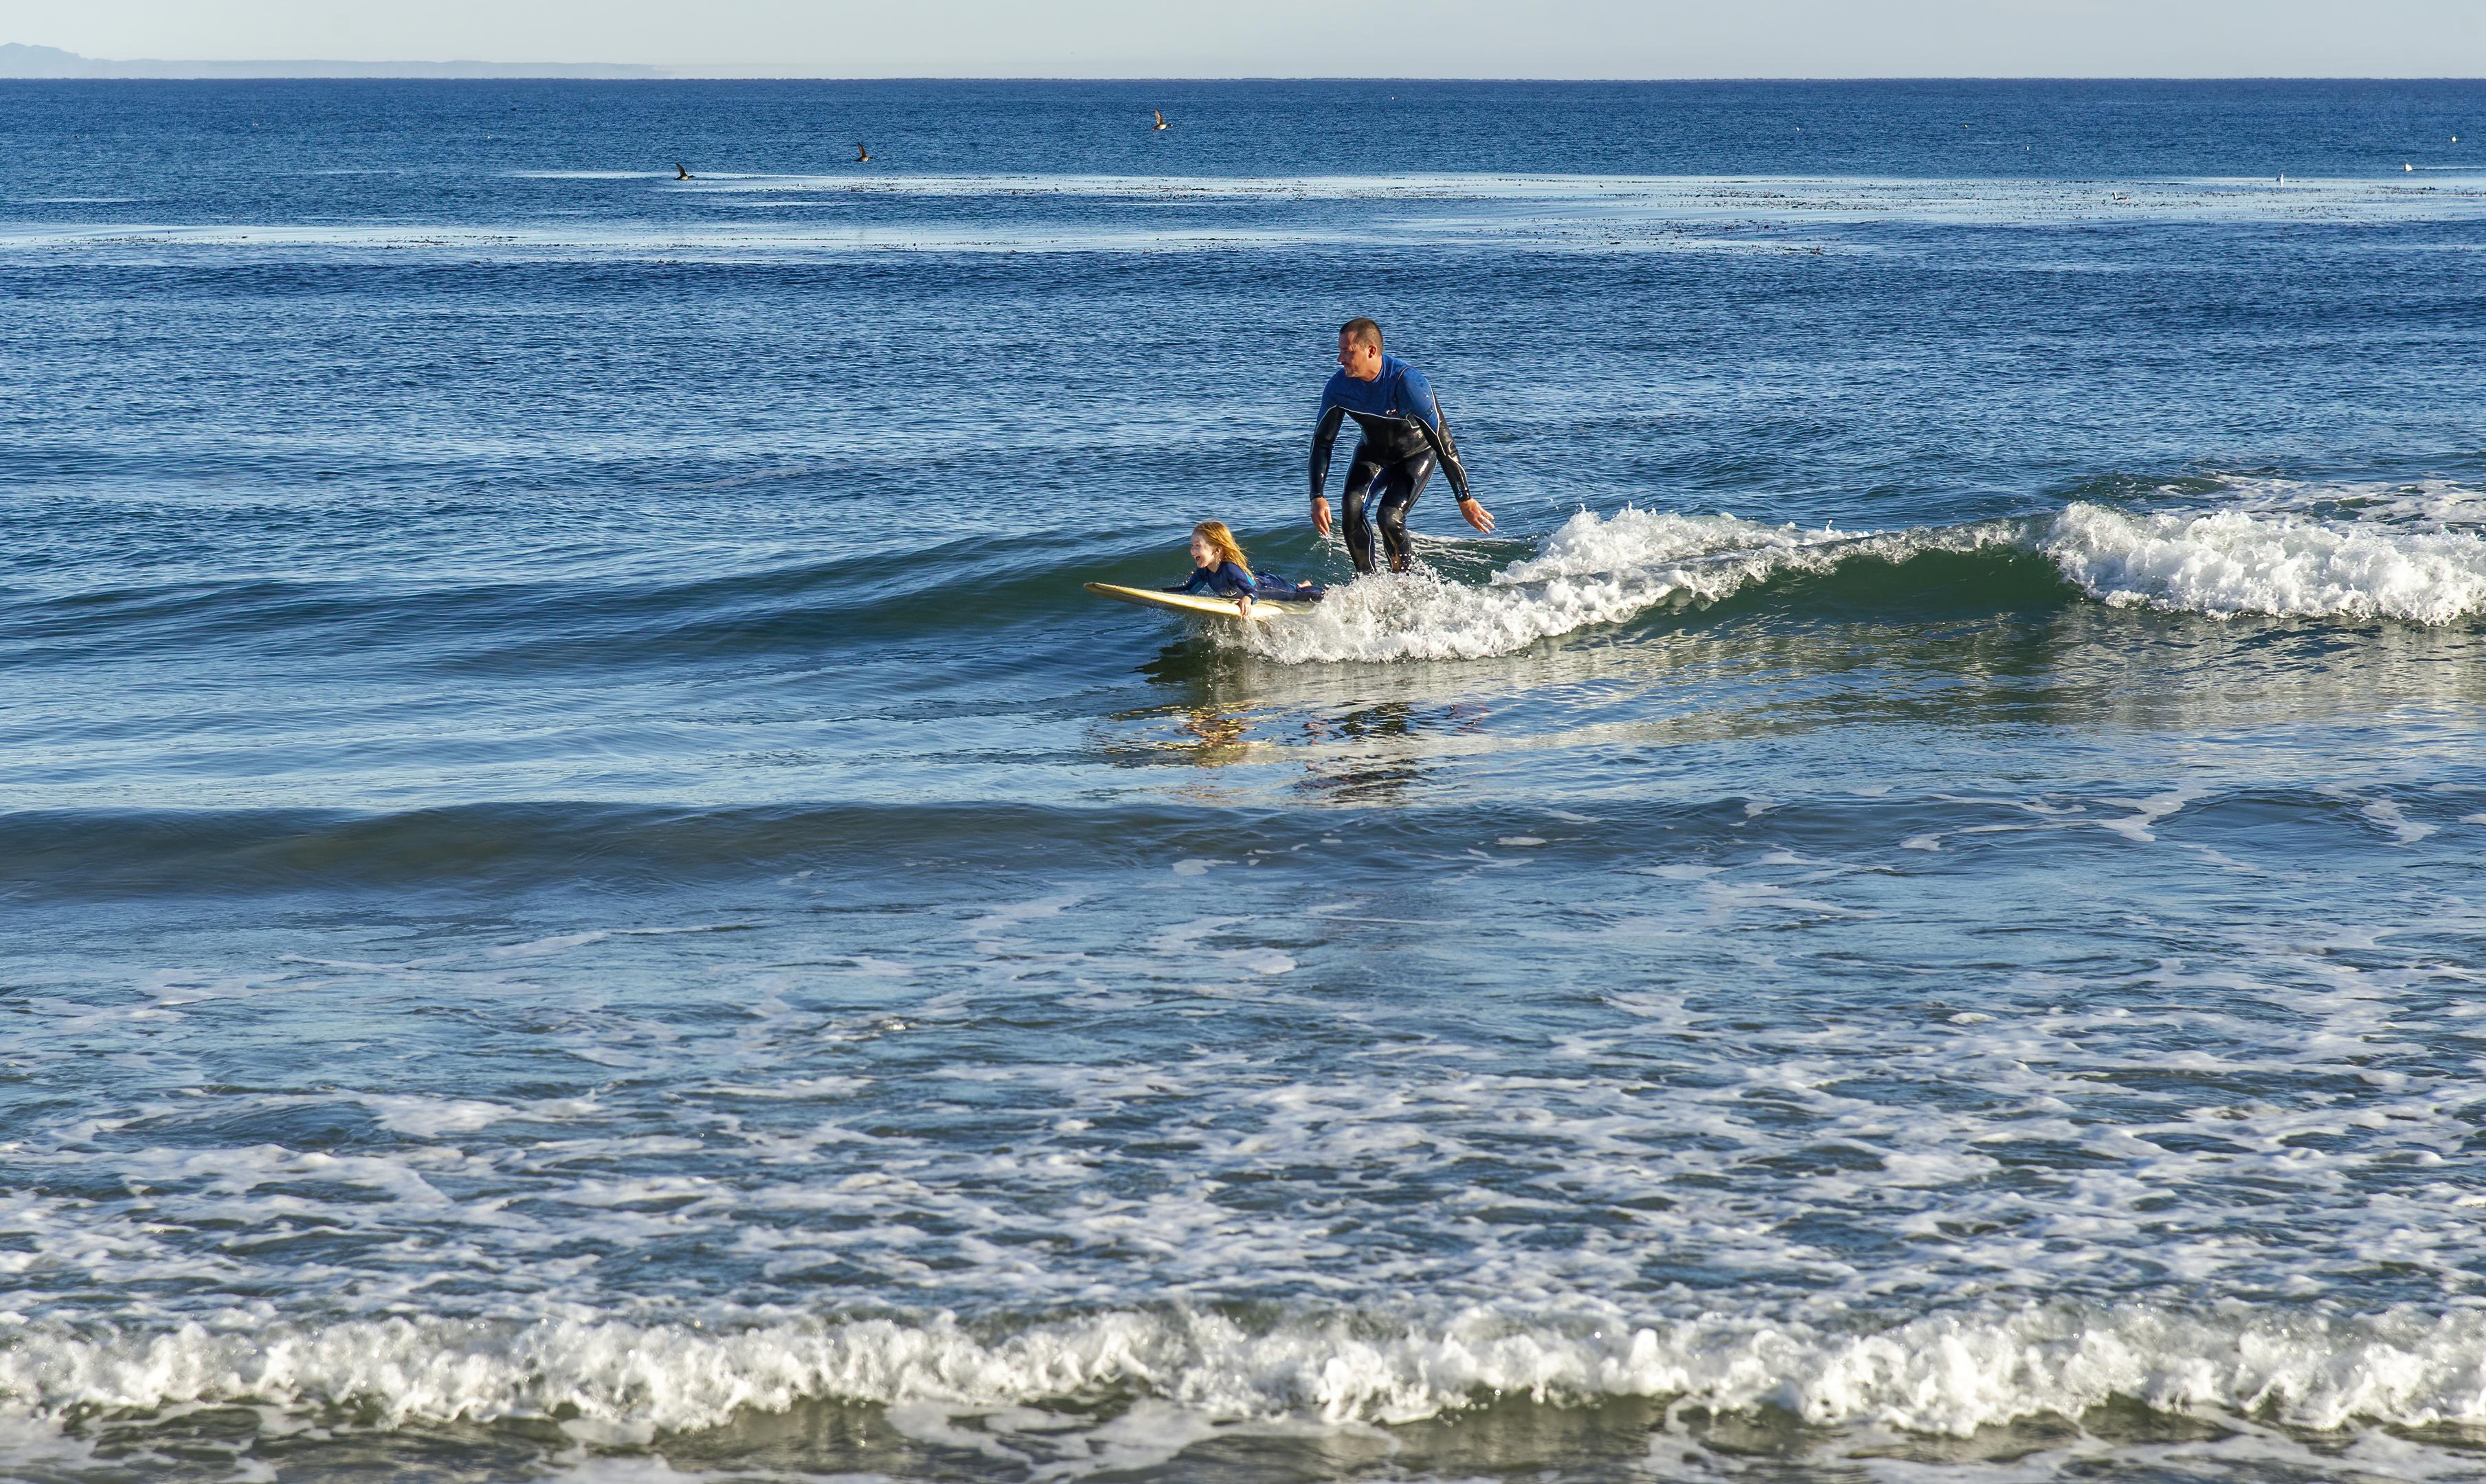 santa barbara surfing topaz denoise ai-denoise